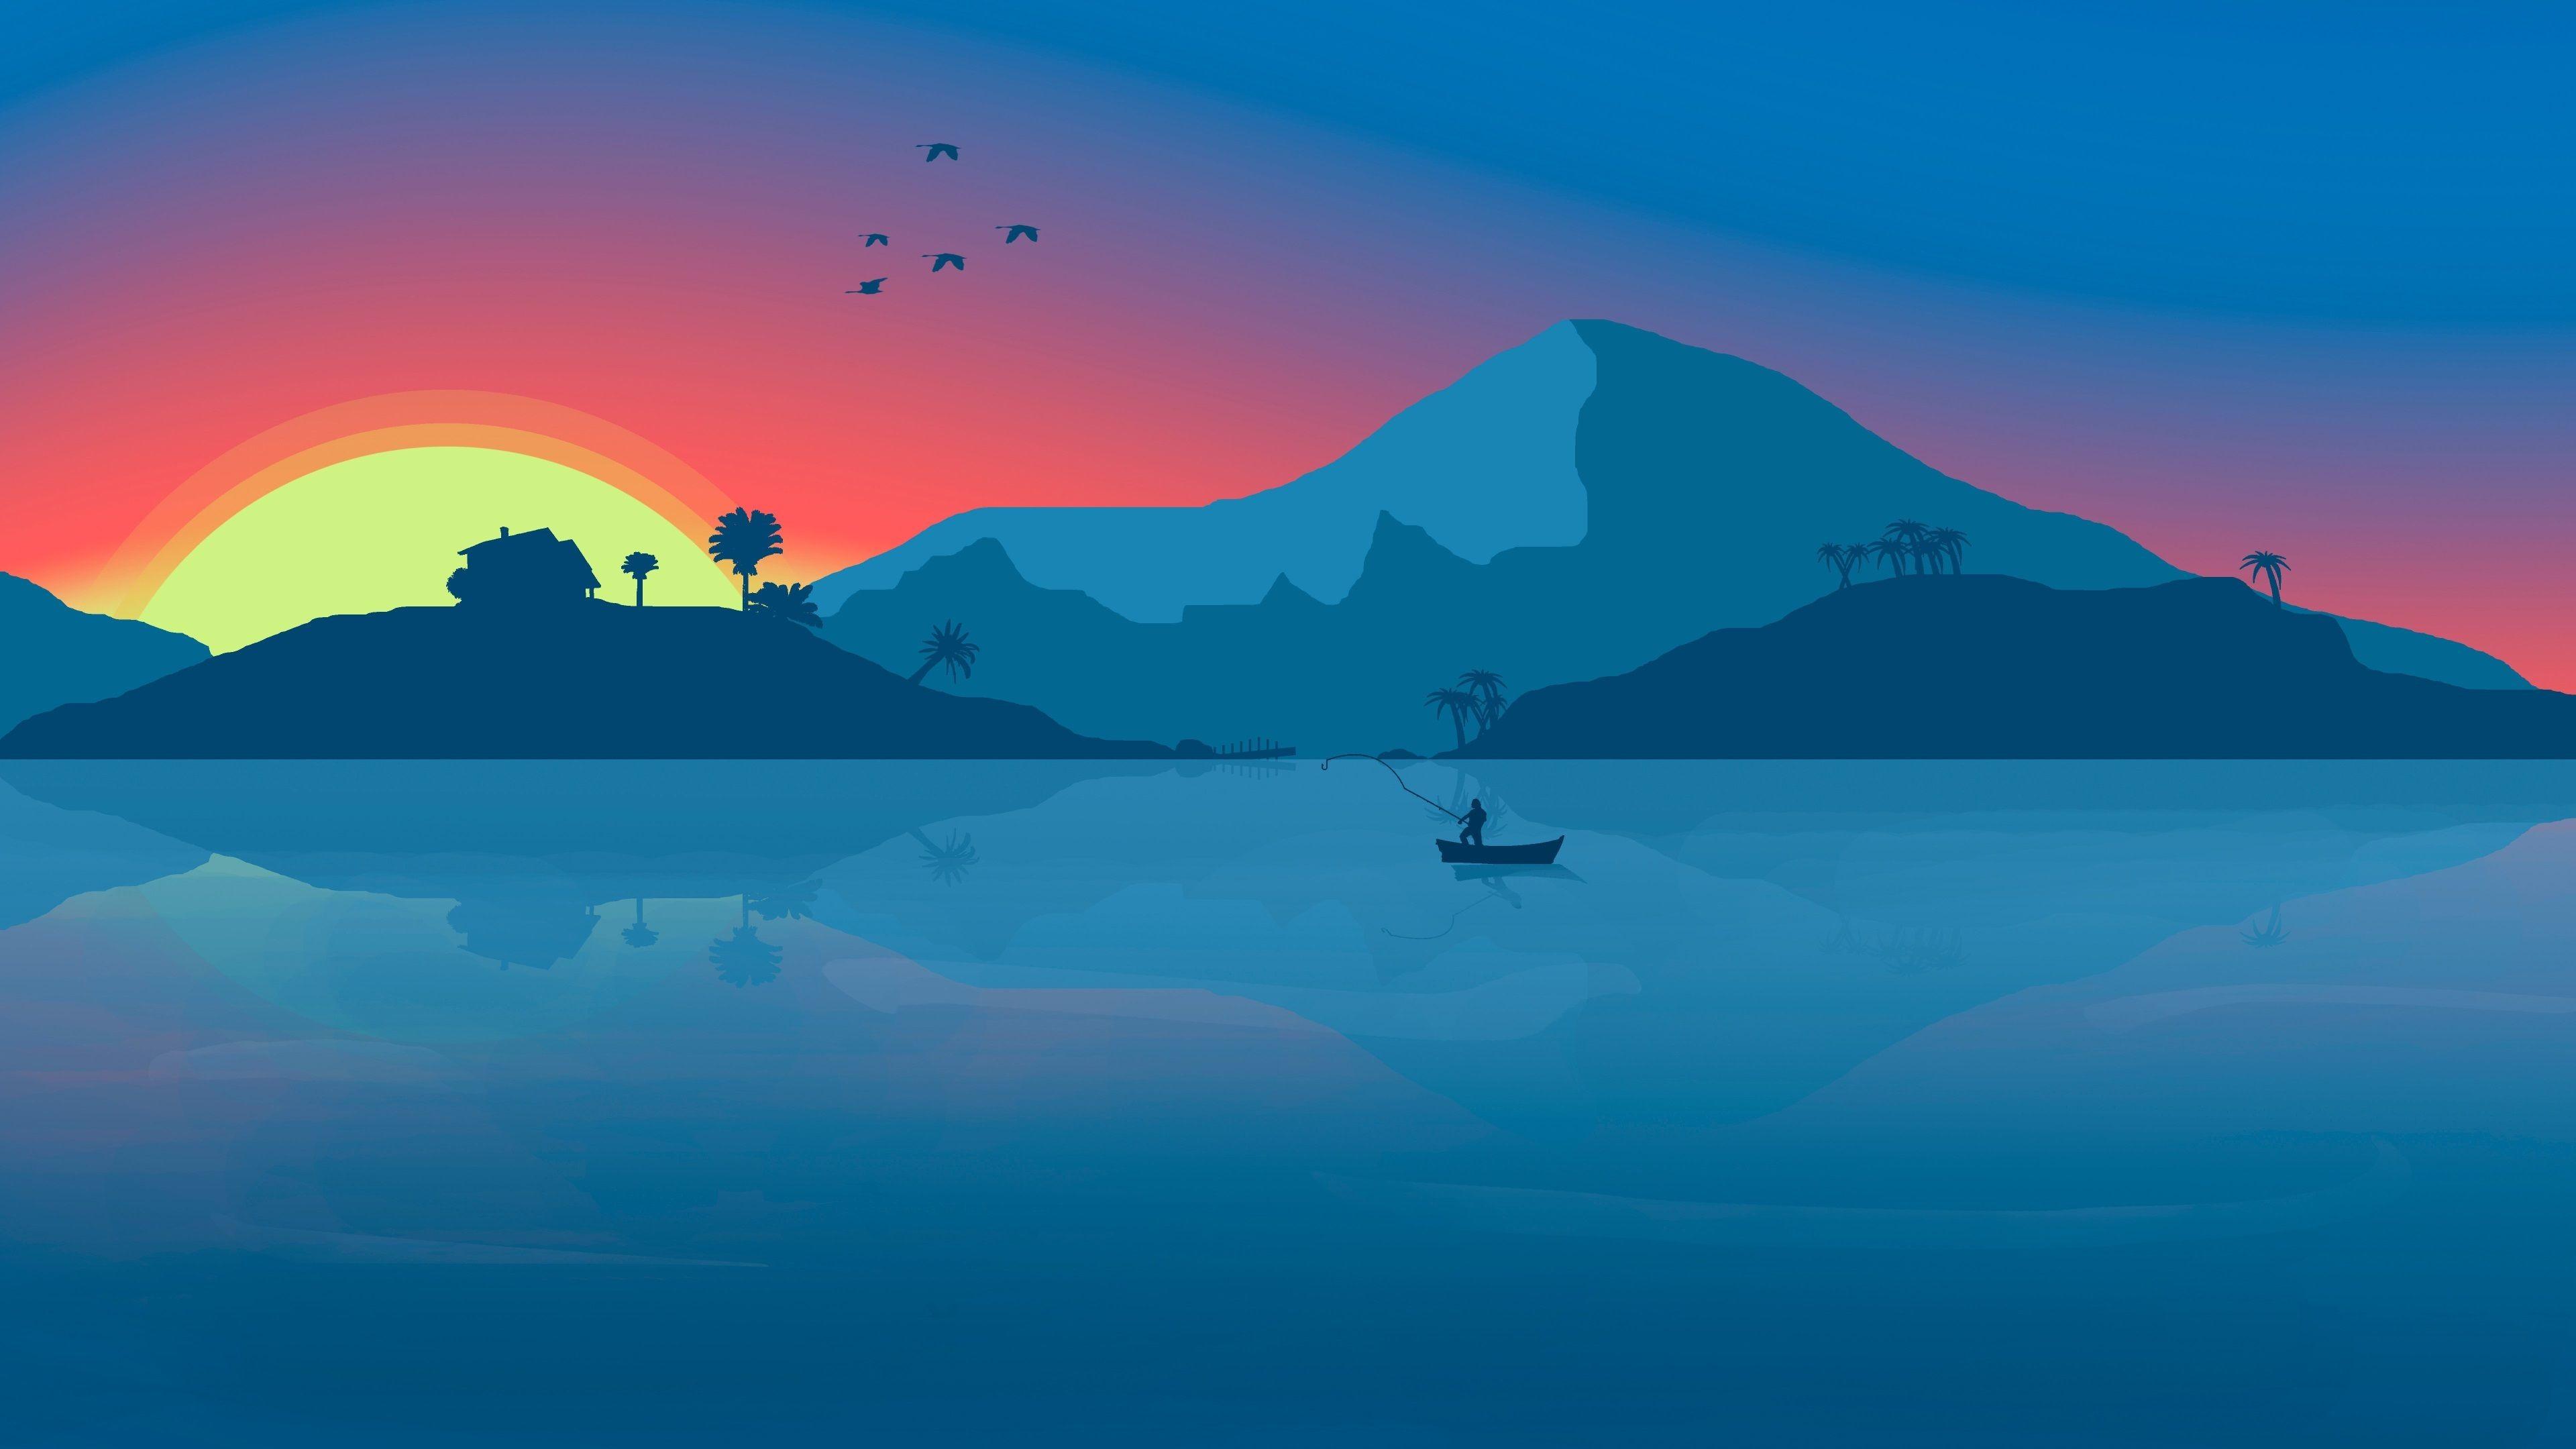 Res: 3840x2160, Minimalistic Wallpaper HD 4K | Free New HD Wallpapers | Pinterest |  Wallpaper